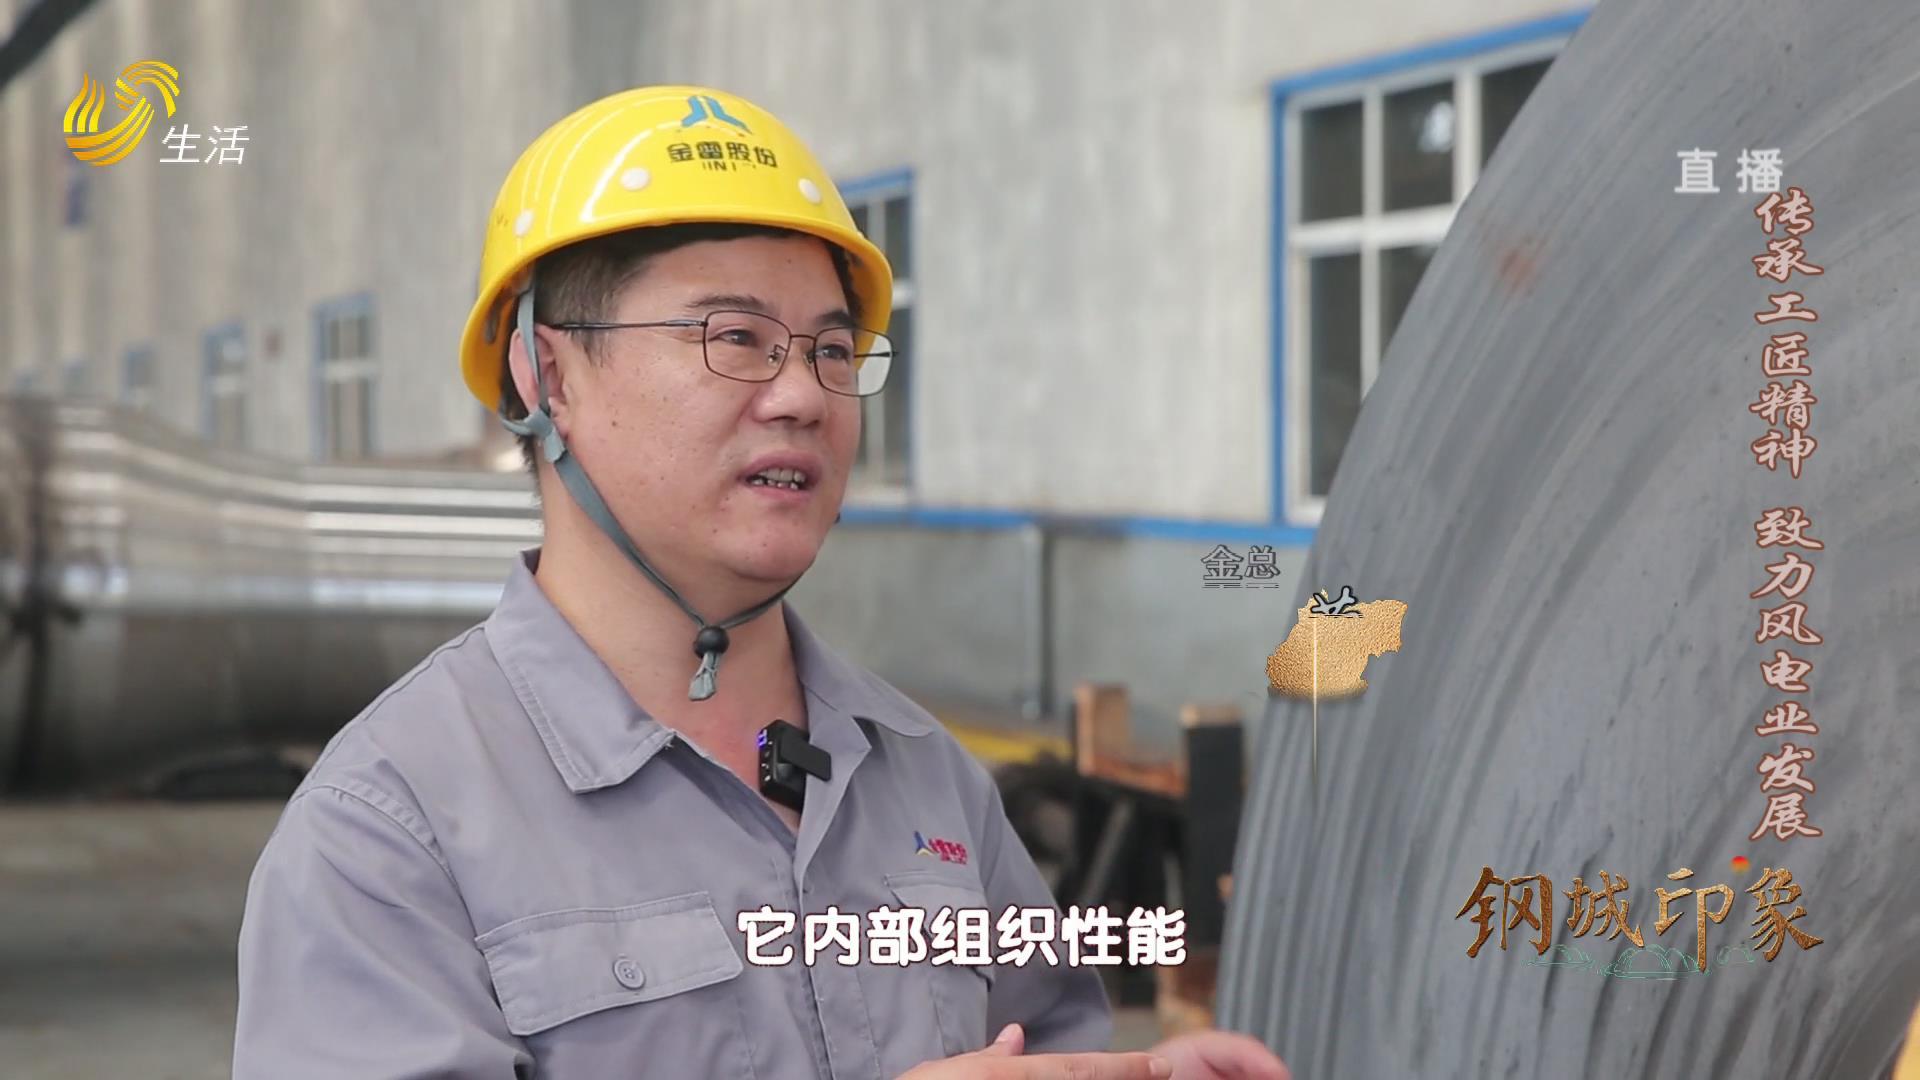 钢城印象:传承工匠精神 致力风电业发展